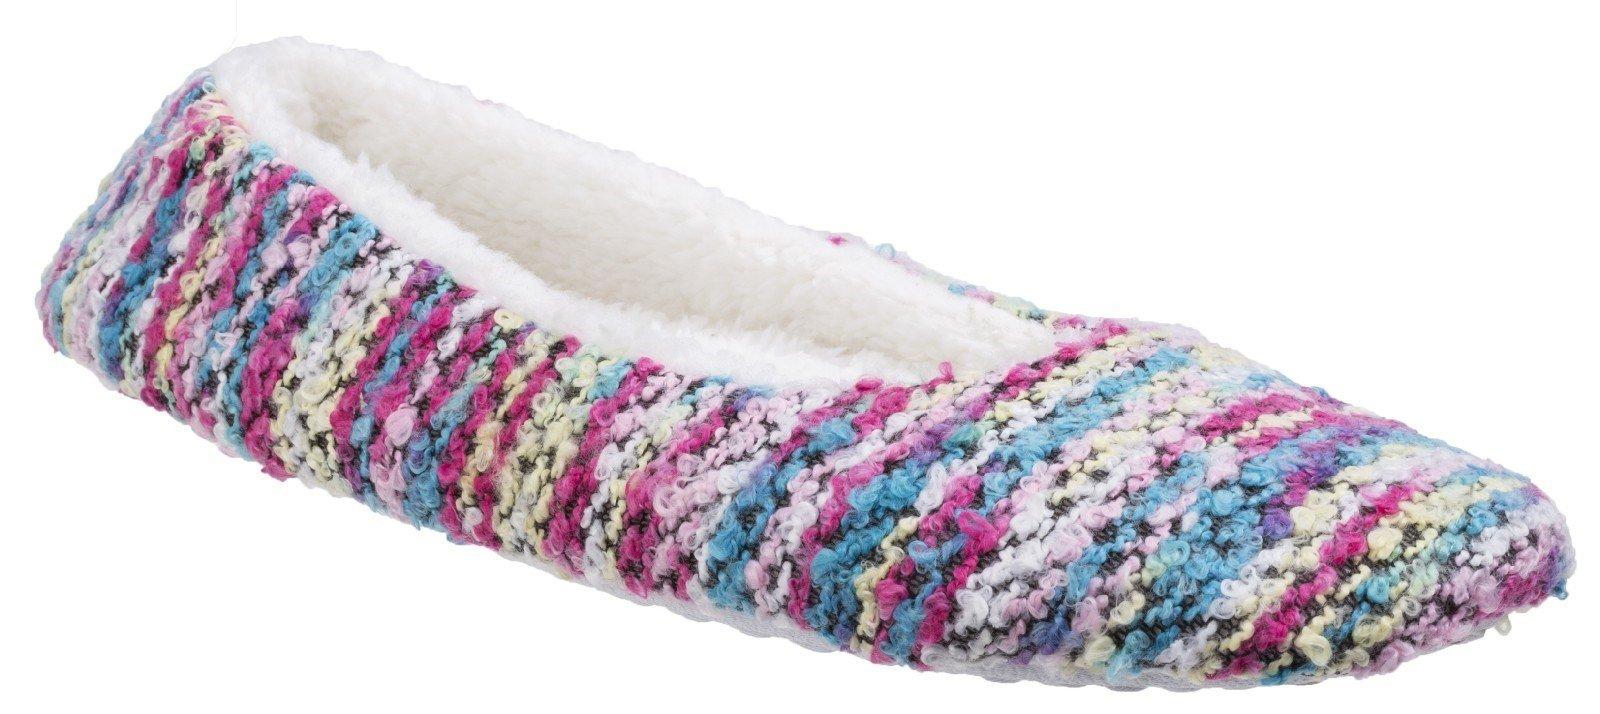 Divaz Women's Morzine Knitted Slipper Various Colours 25587 - Pink 4